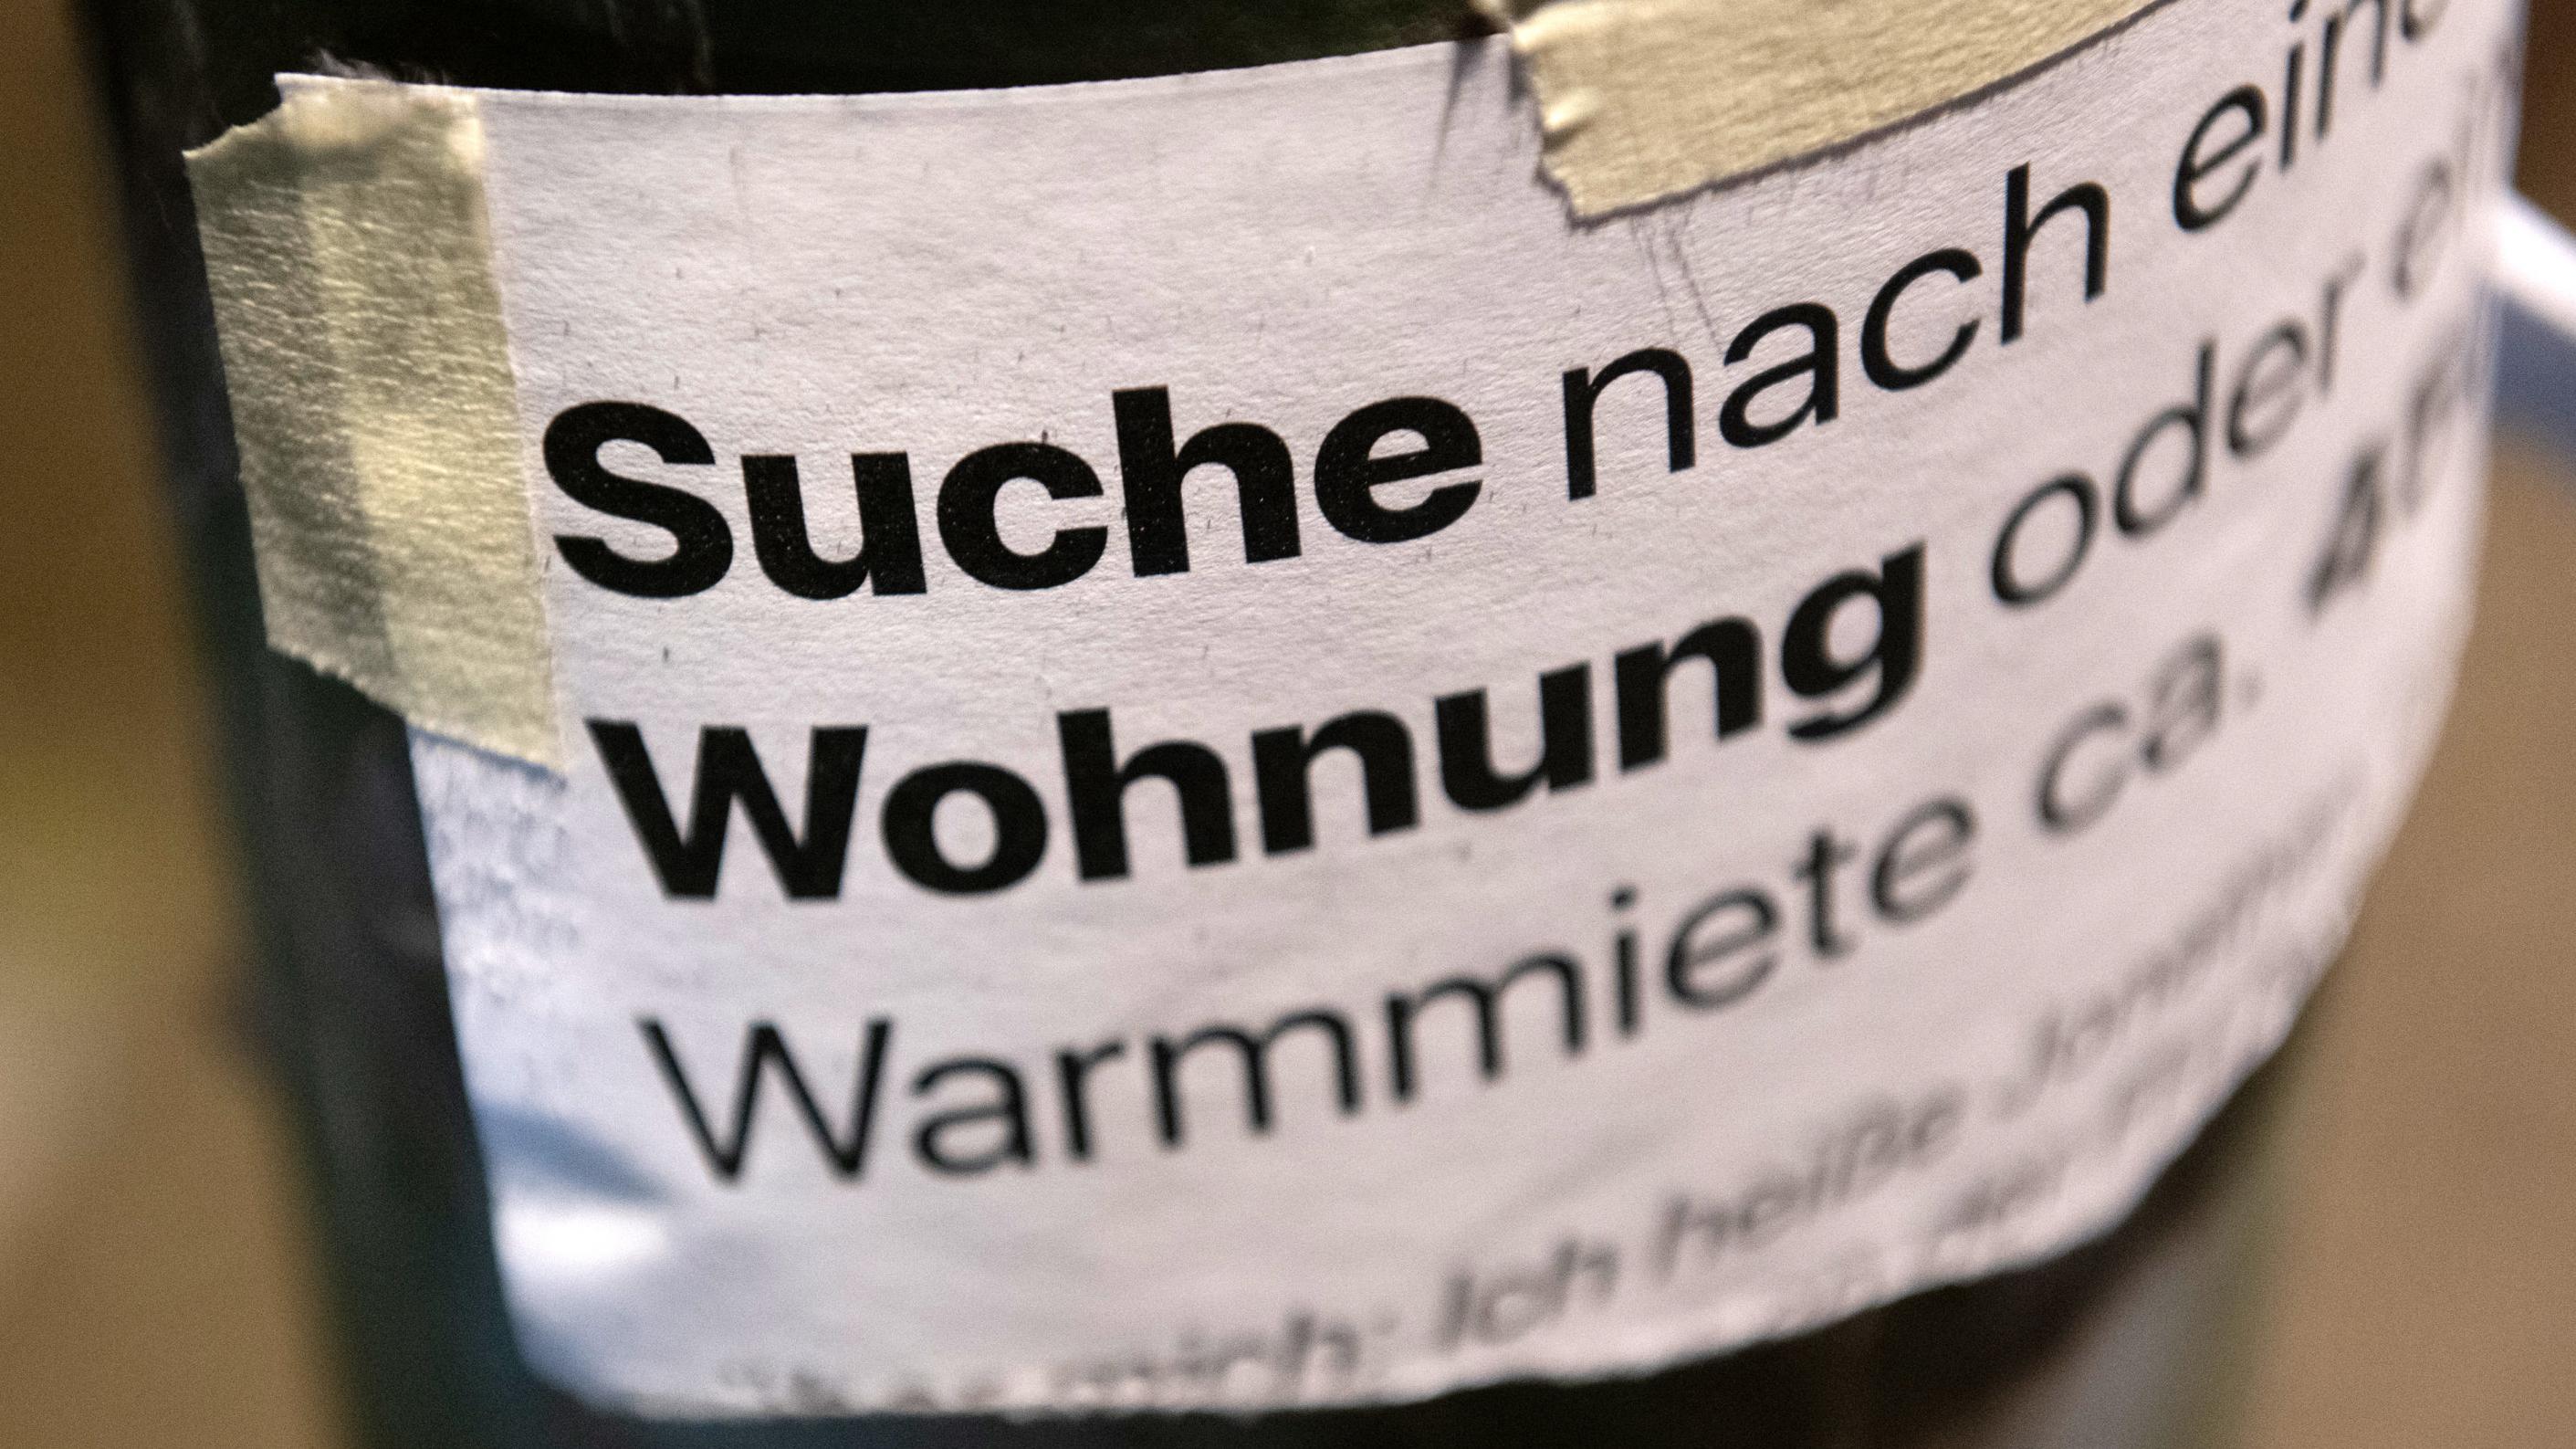 Berlin: «Suche Wohnung» steht auf dem Zettel an einer Laterne unweit des Gleimtunnels.